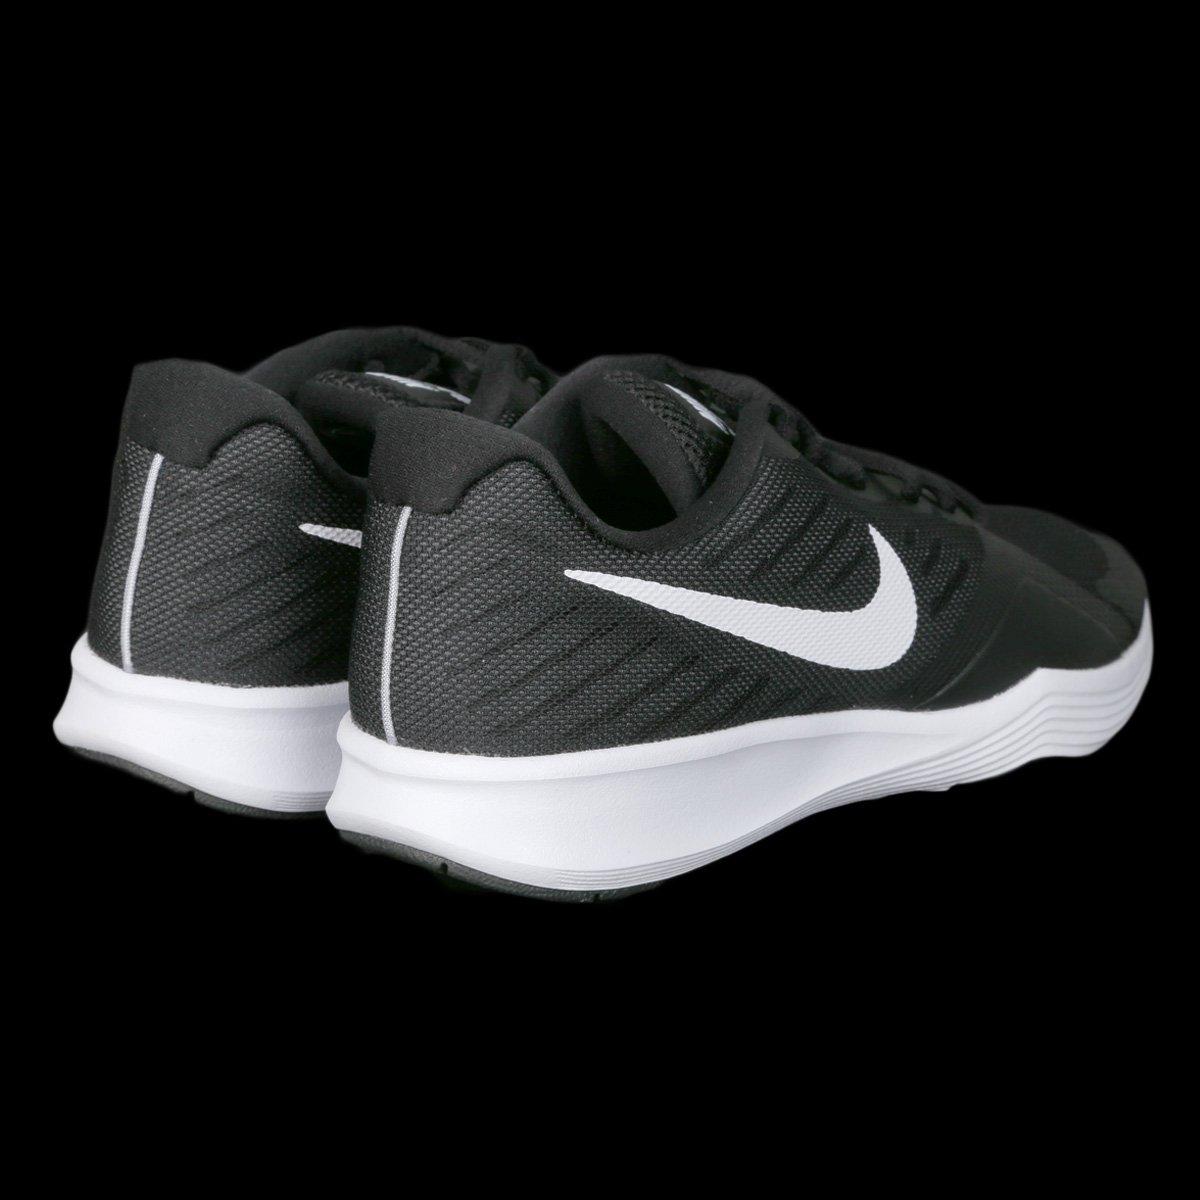 Tênis Nike City Trainer Feminino - Preto e Branco - Compre Agora ... 32045264563a5